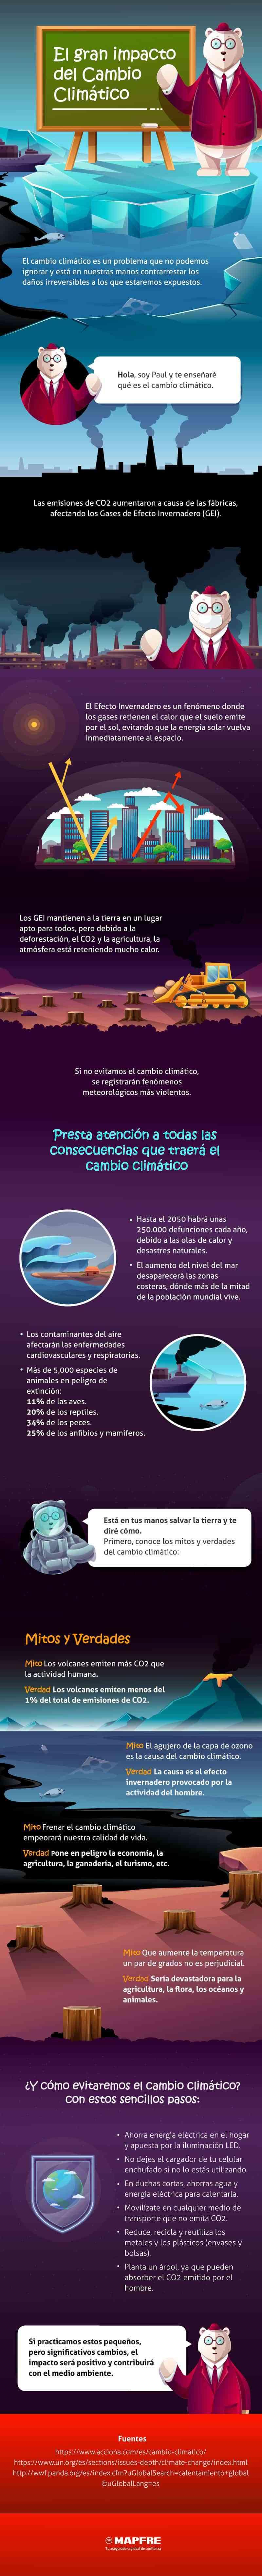 el gran impacto del cambio climatico 1